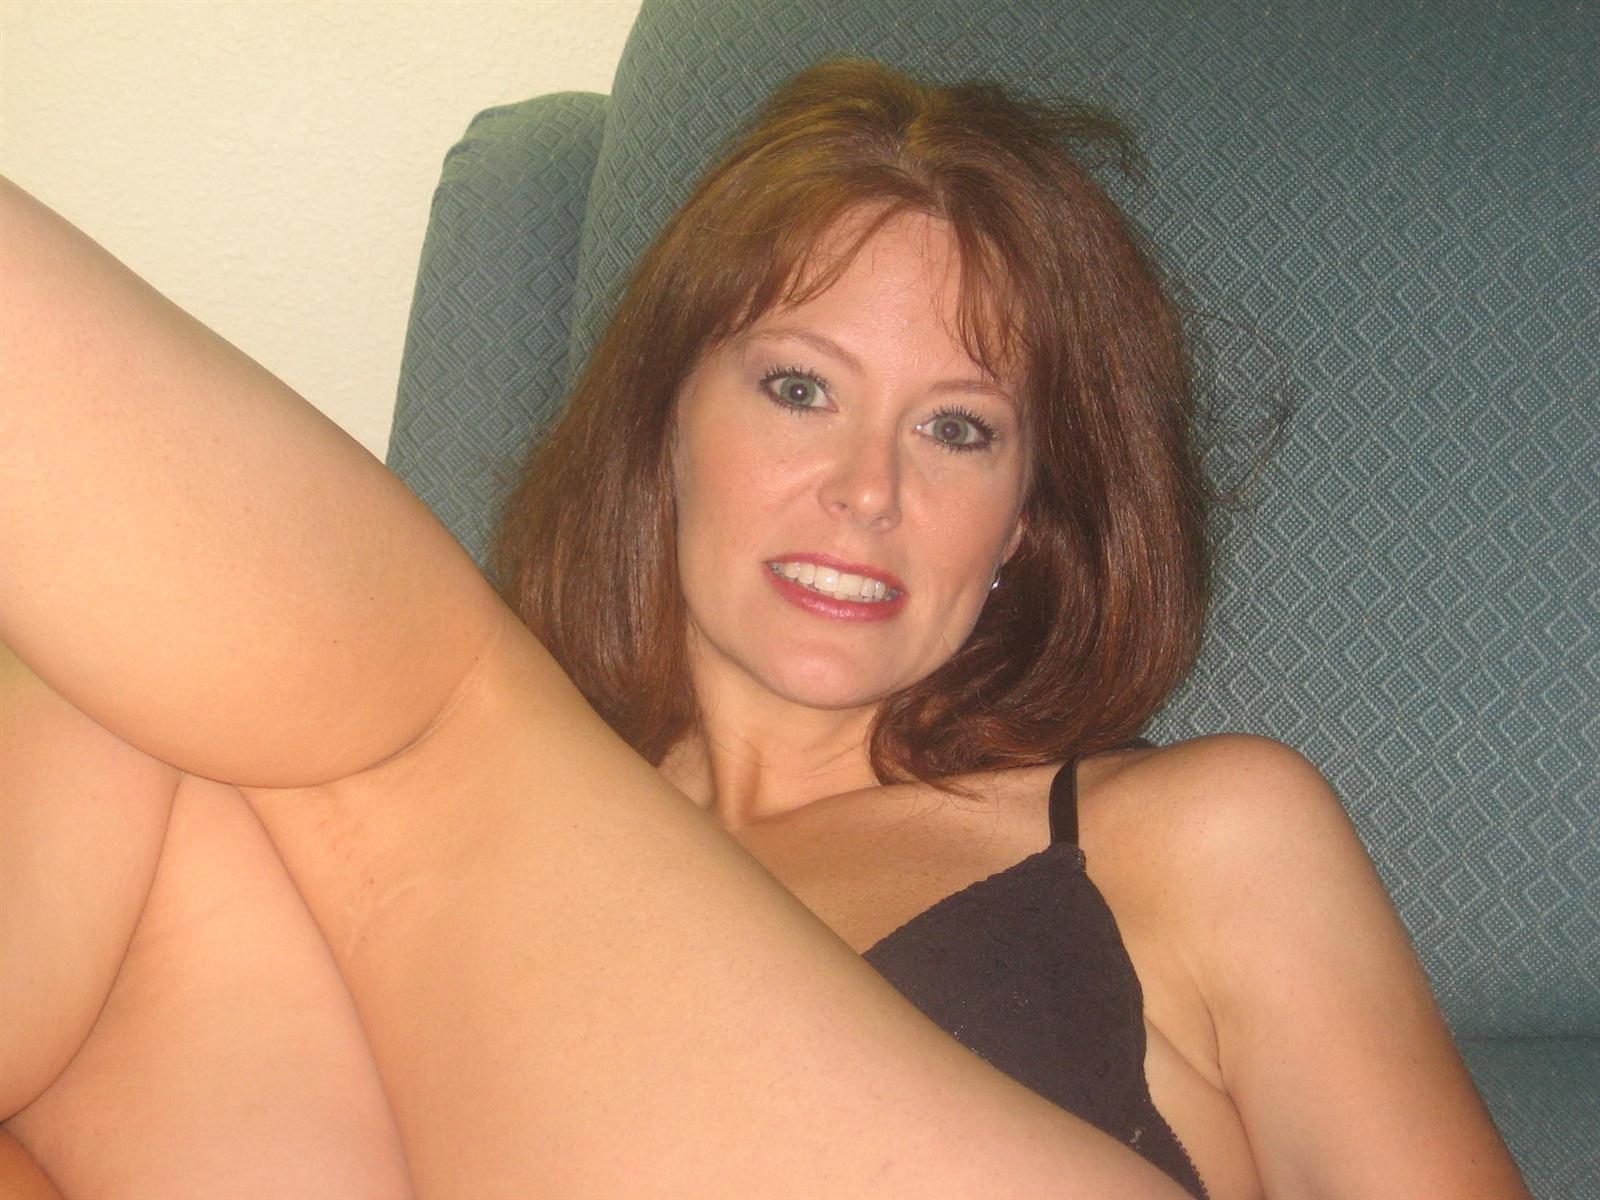 Зрелая красотка обладает достаточным опытом, чтобы удовлетворить мужчину и дать ему кончить